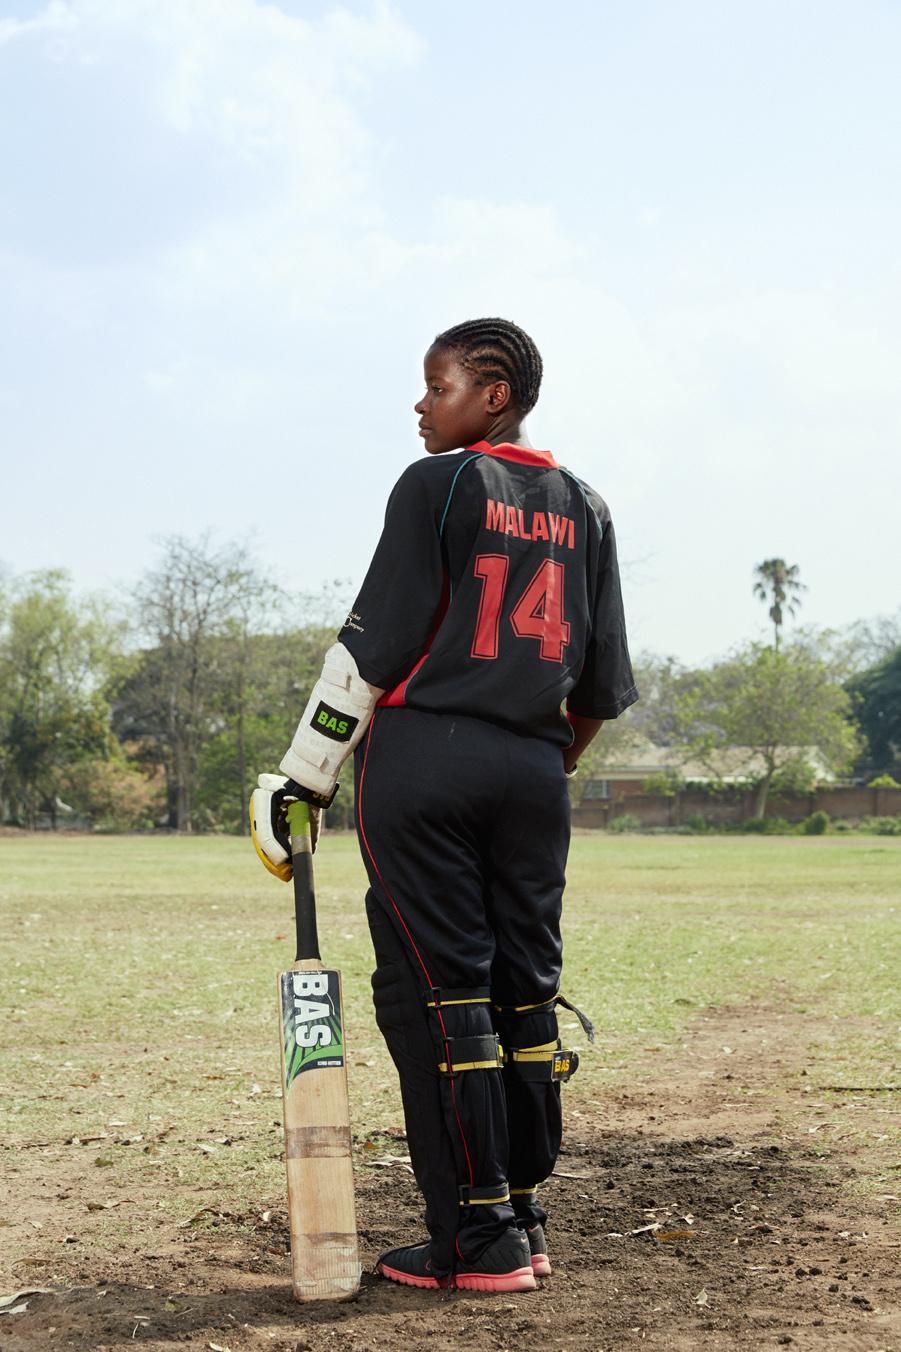 Daina Rice, batsman